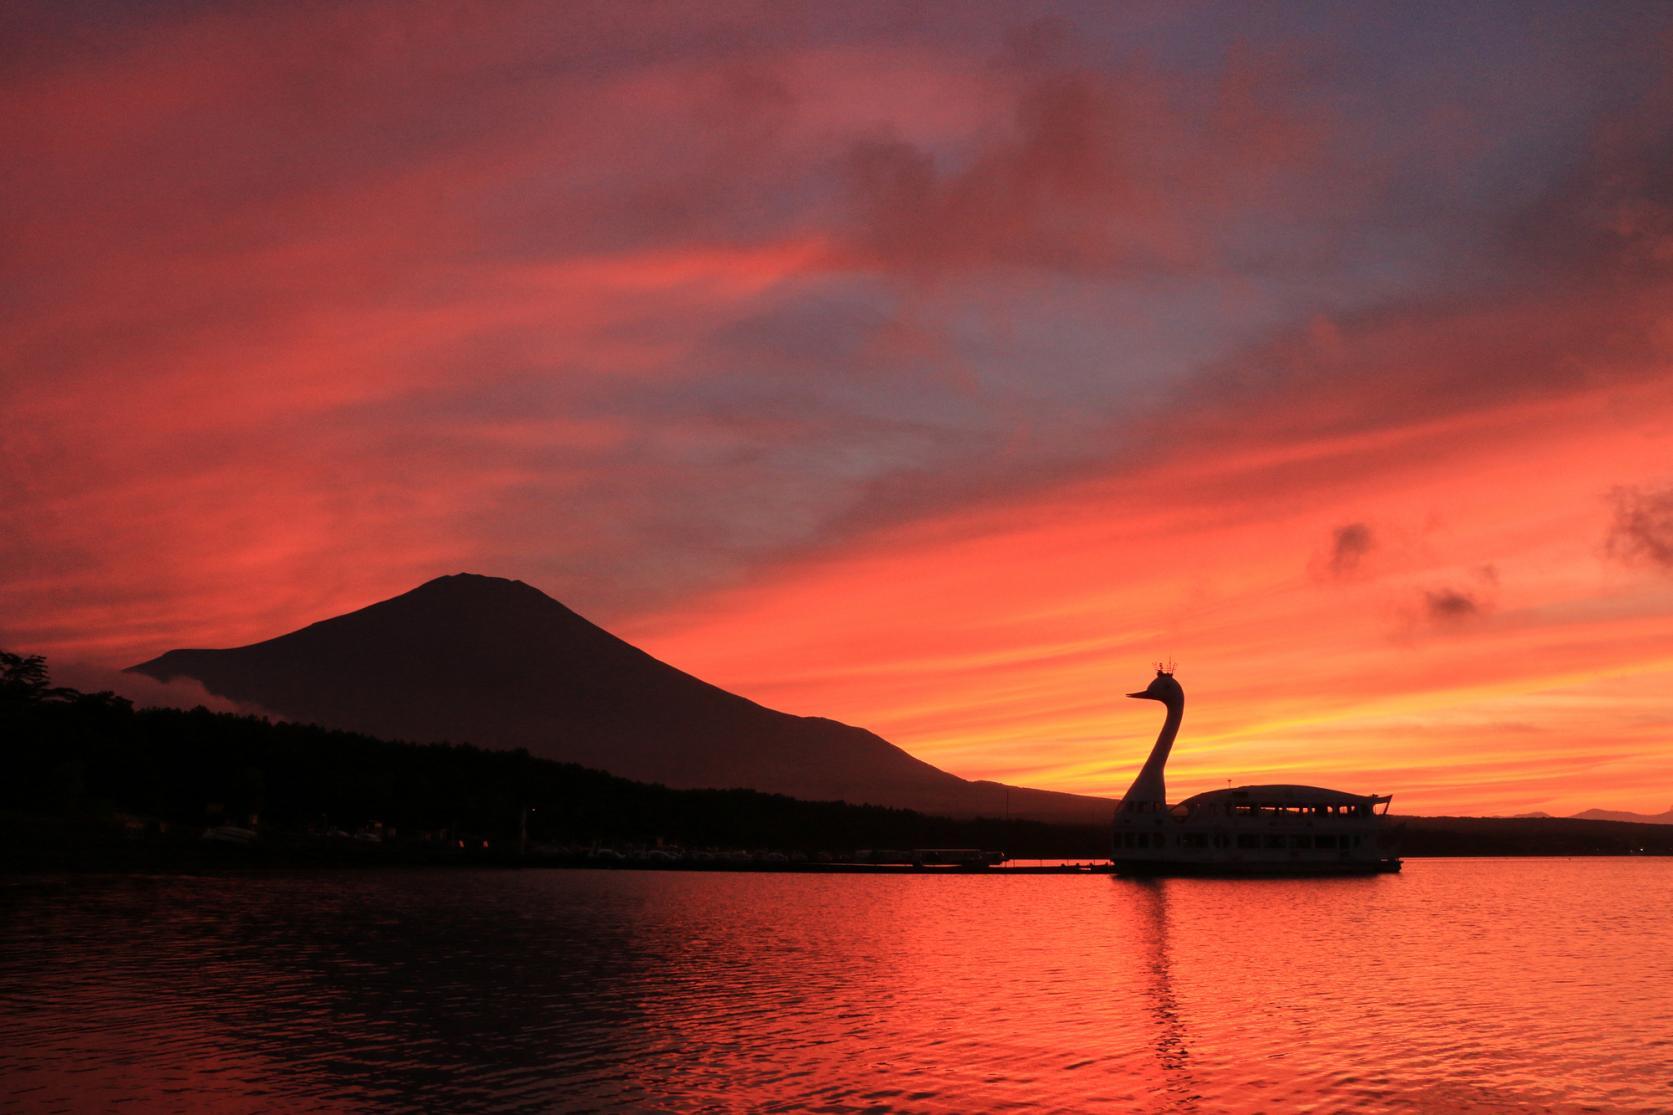 湖と富士山が織りなす四季折々の絶景-6